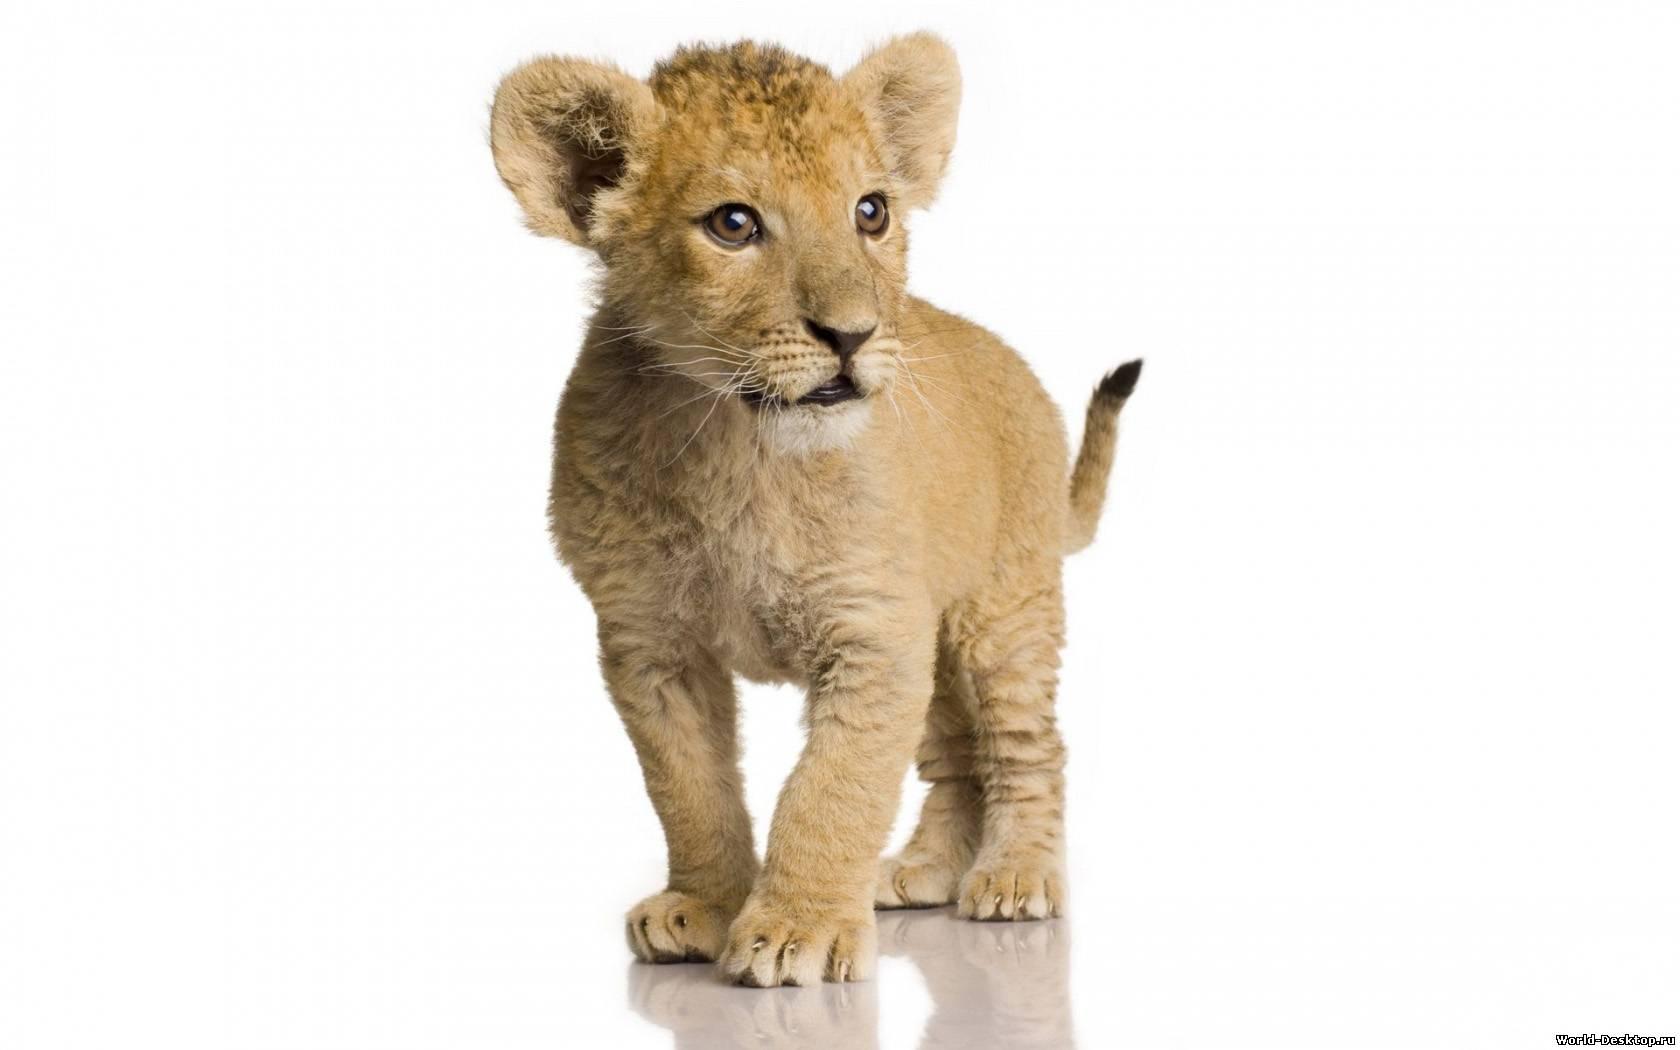 львенок, фото на белом фоне, львы, скачать